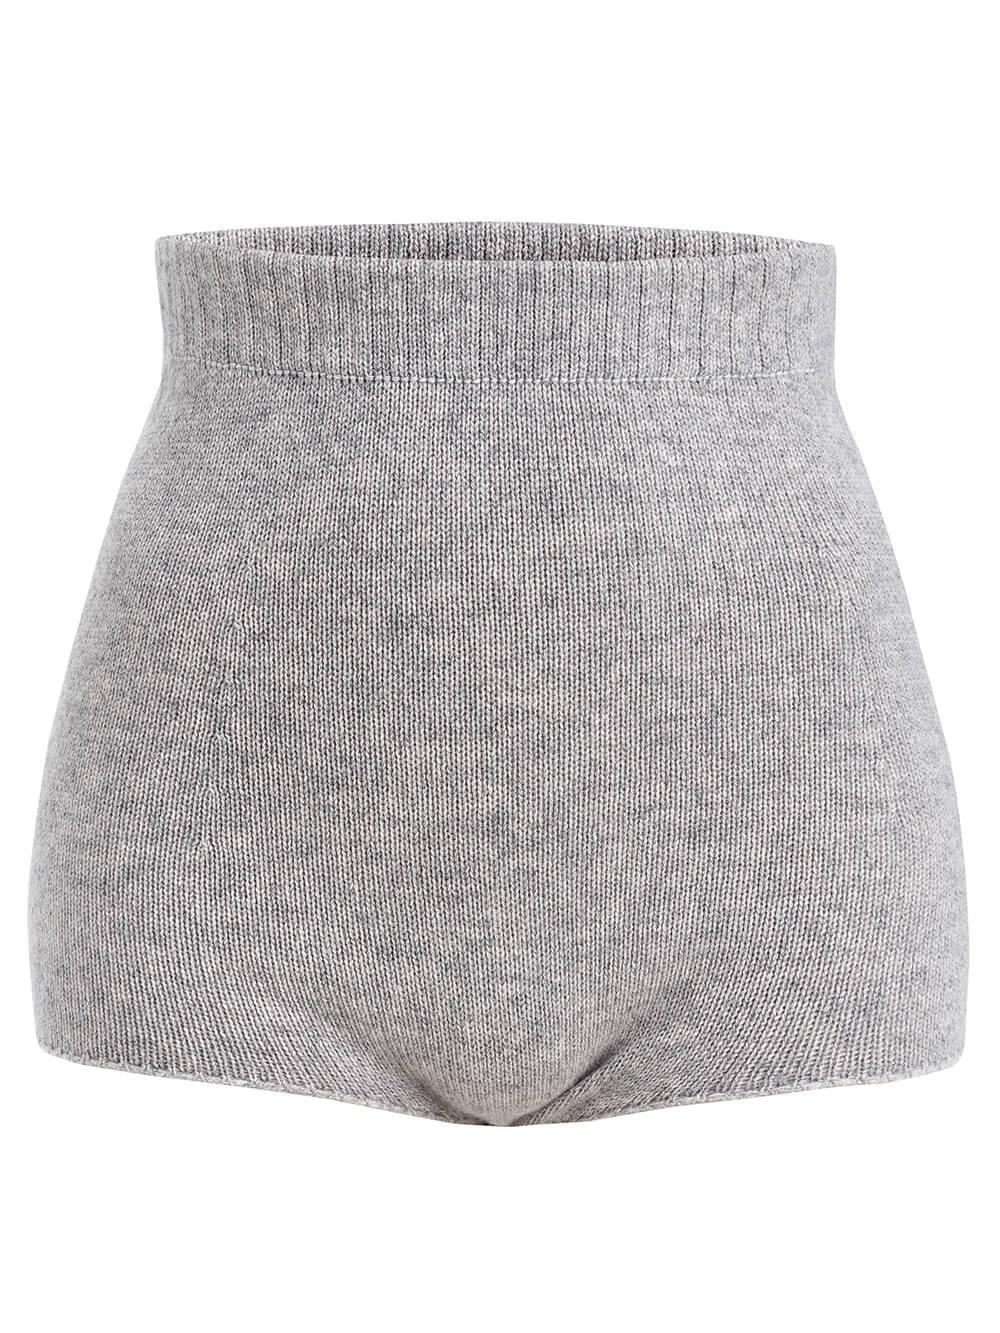 Женские шорты светло-серого цвета из 100% кашемира - фото 1